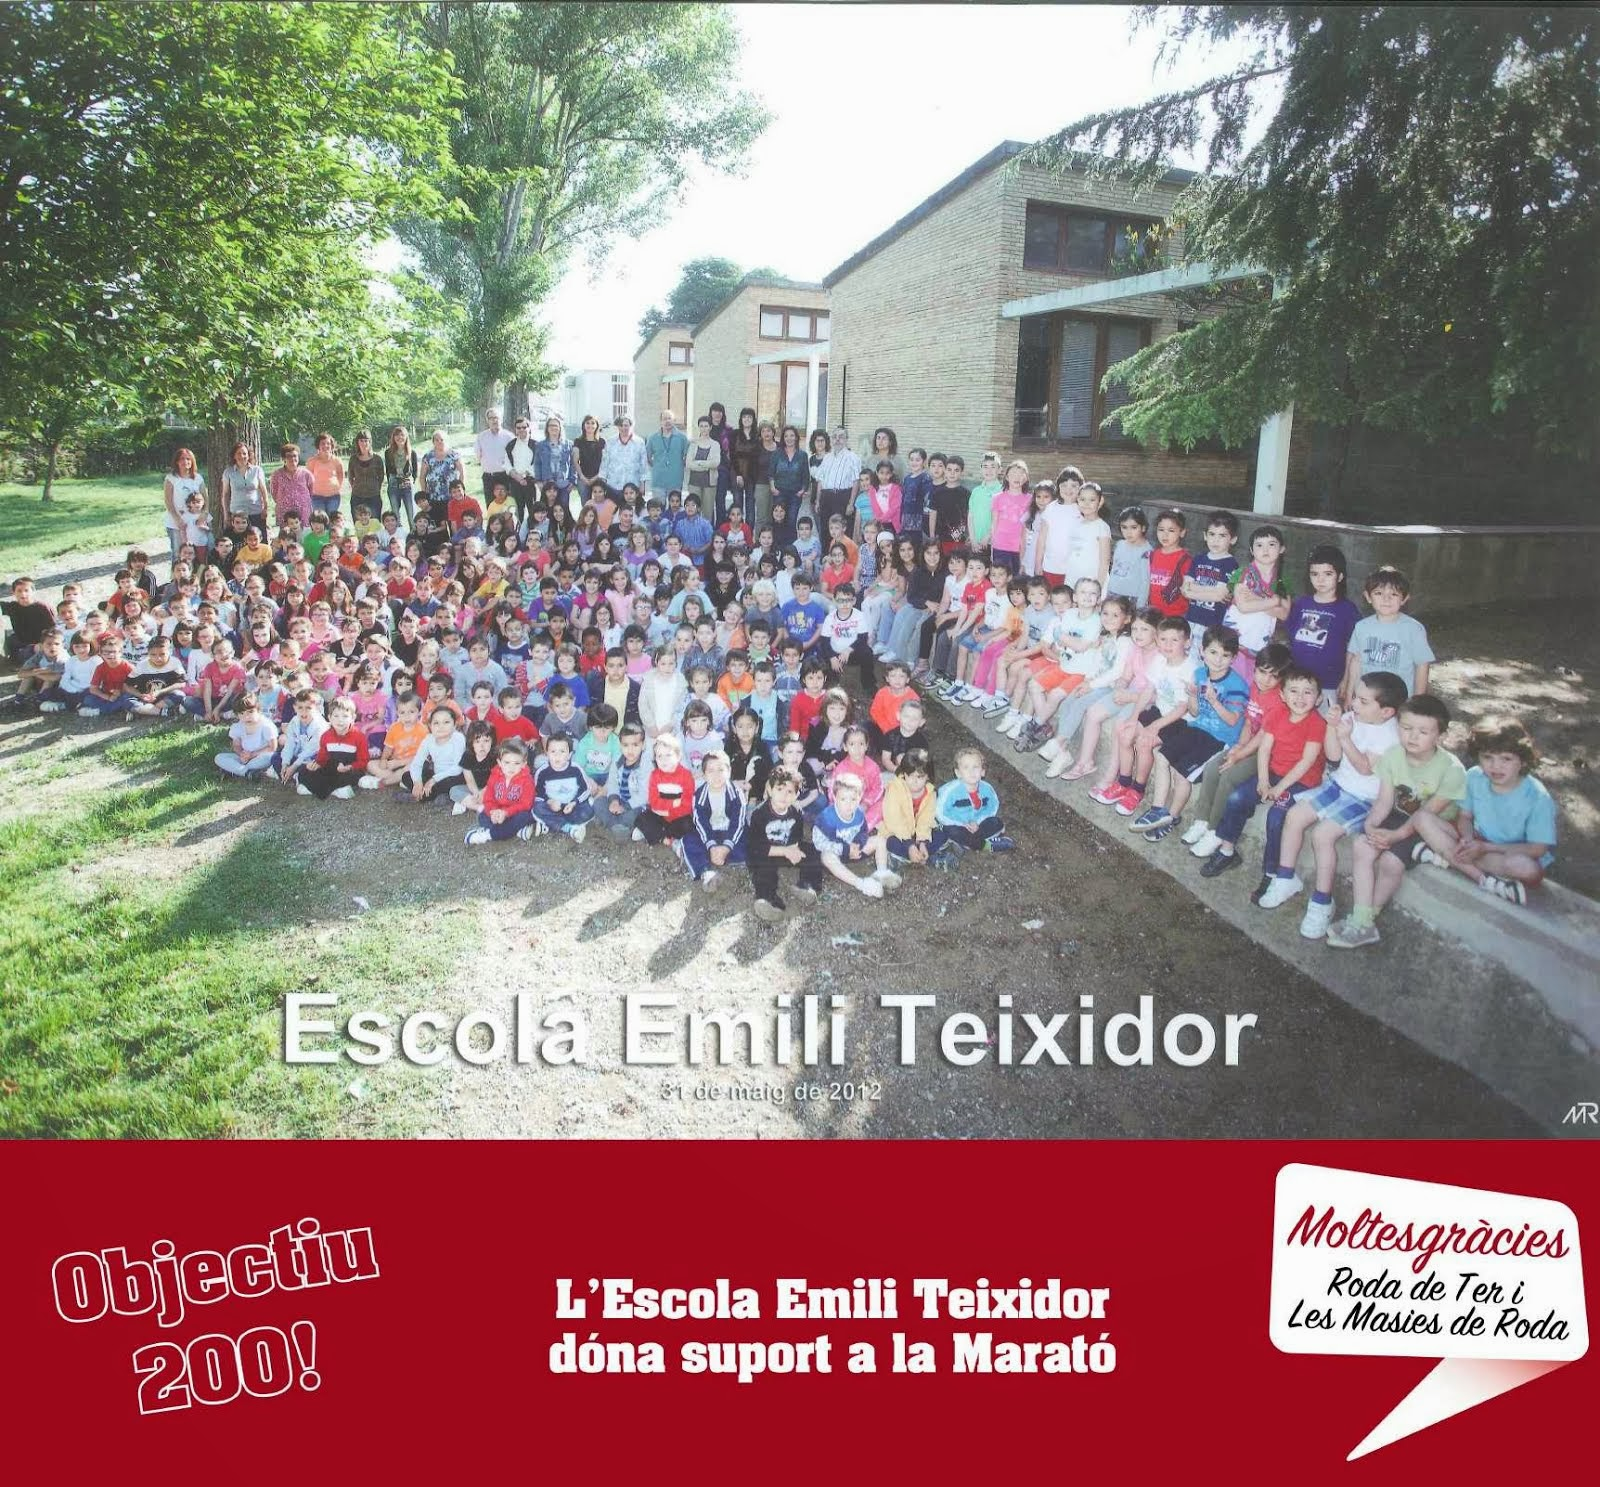 Escola Emili Teixidor